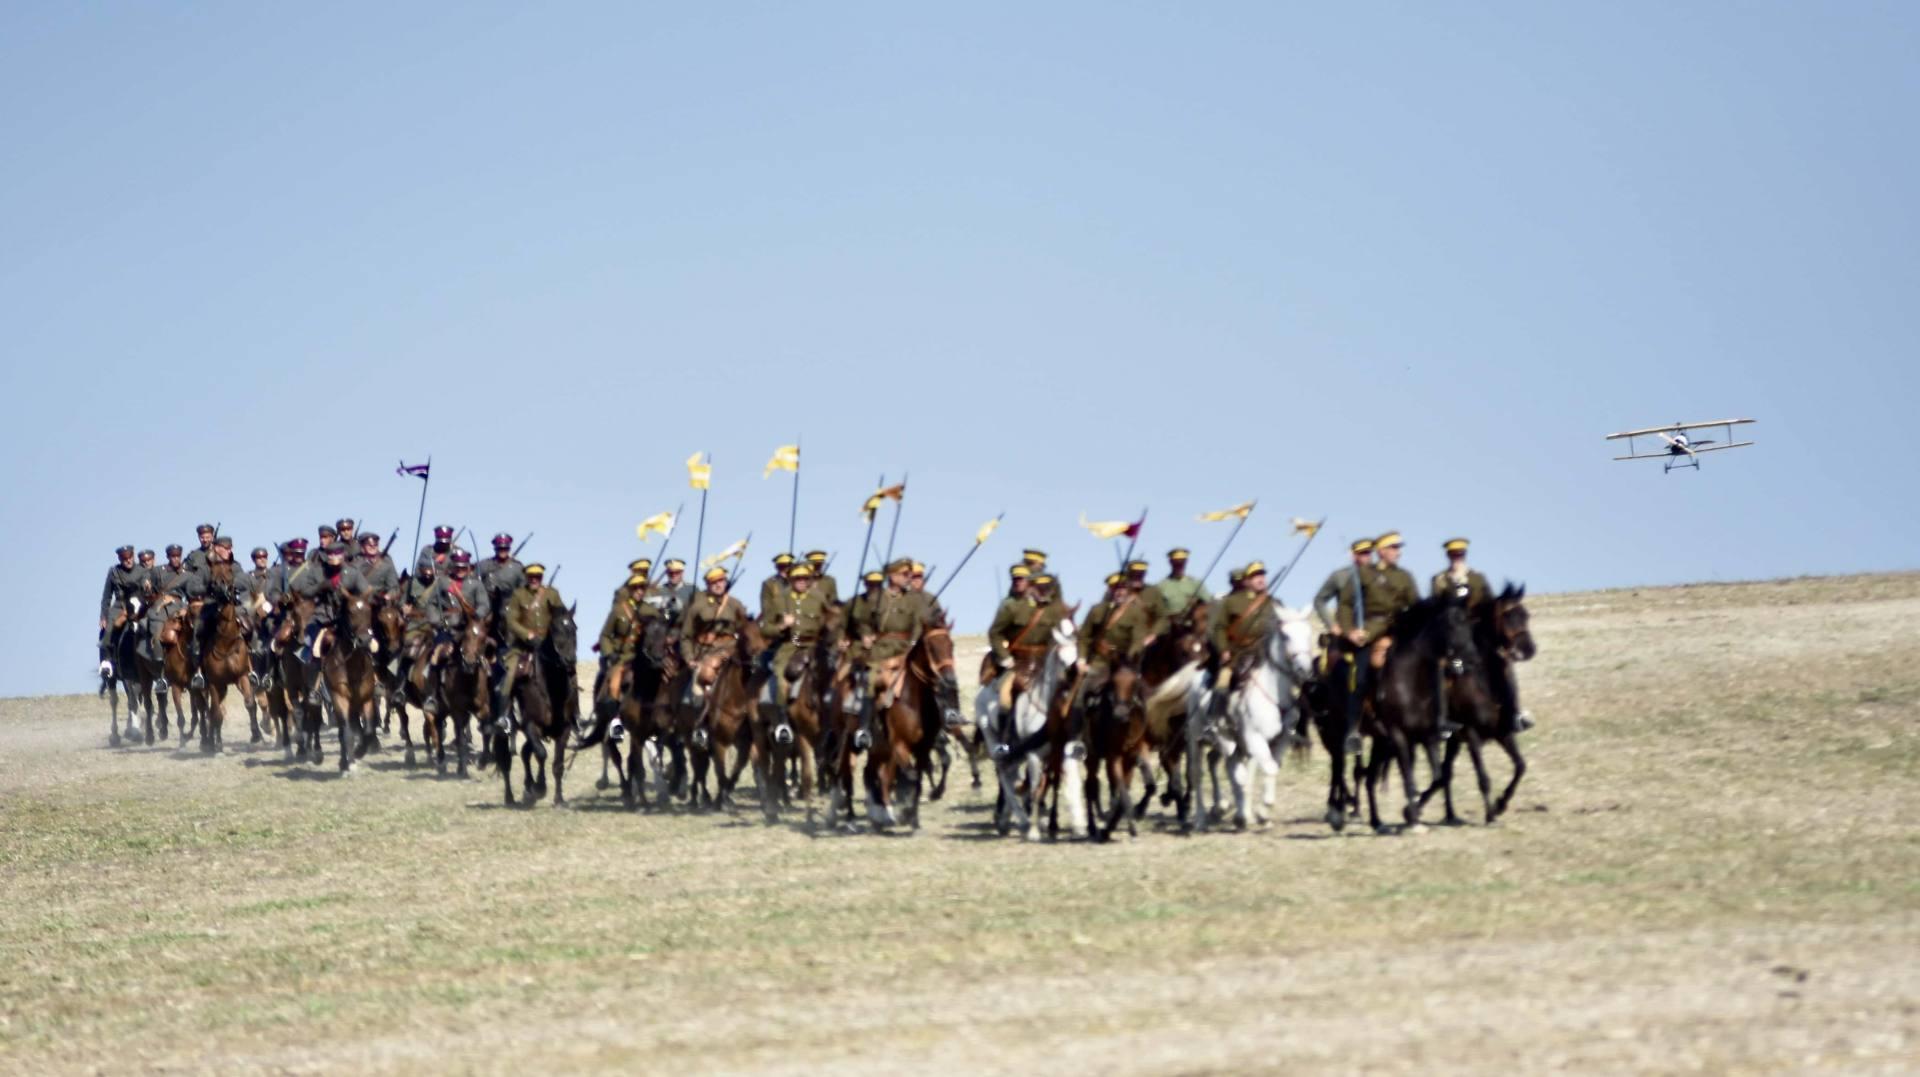 dsc 1004 Czas szabli - 100 rocznica bitwy pod Komarowem(zdjęcia)